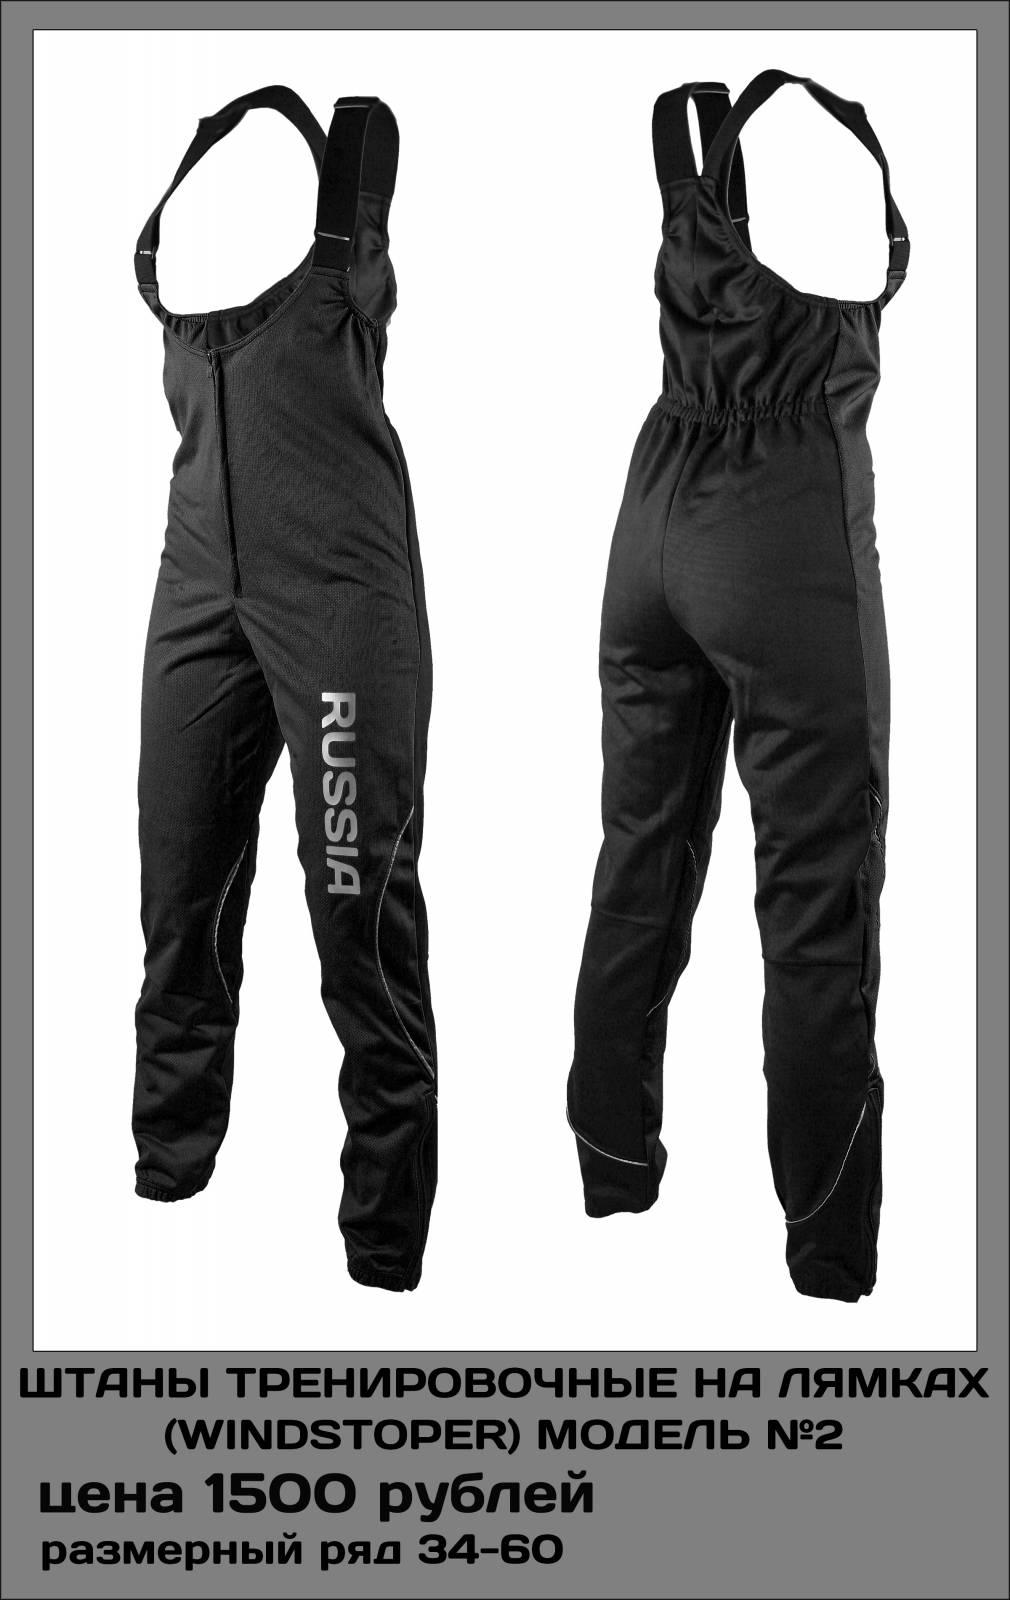 СБОР ЗАКРЫТ! Одежда для любителей лыжного спорта, аэробики. Без рядов. Для детей и взрослых!